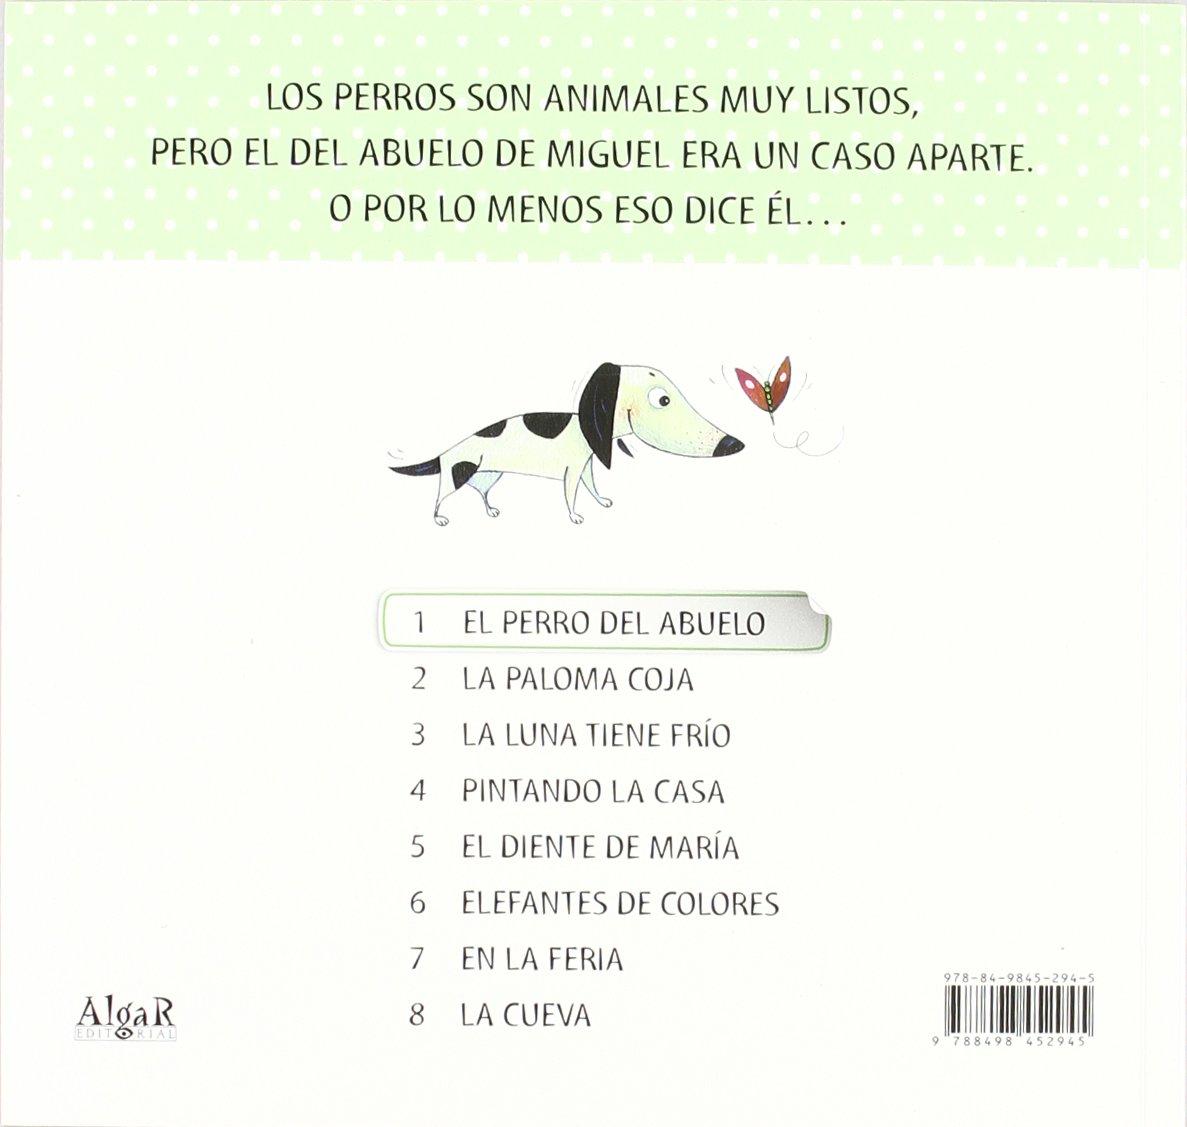 El perro del abuelo: Enric ; Tobella, Montserrat Lluc Girbés: 9788498452945: Amazon.com: Books